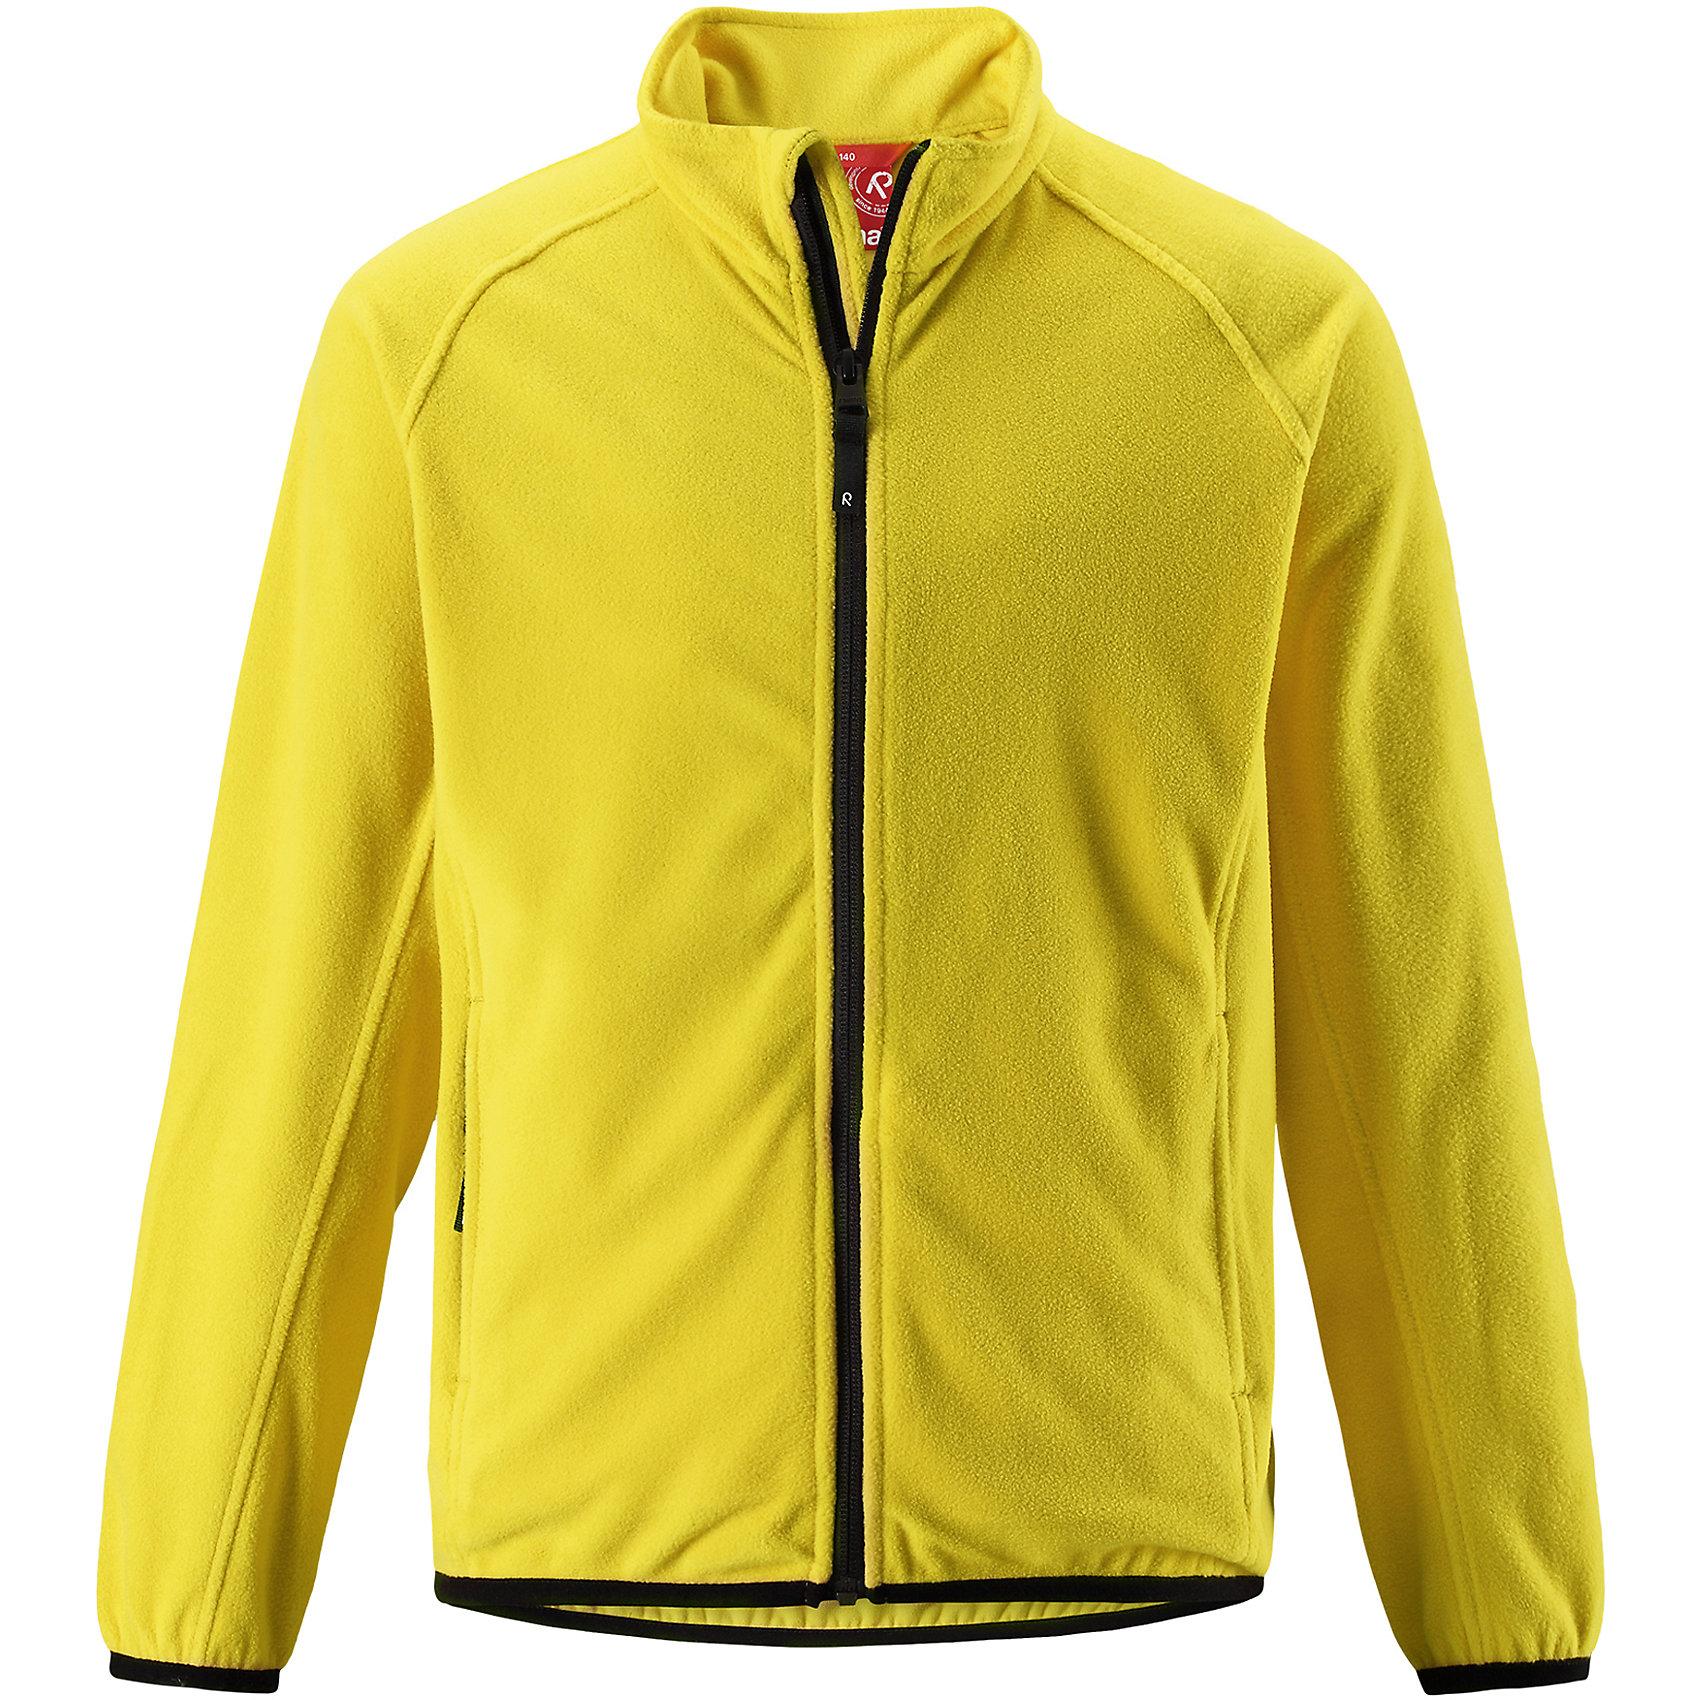 Флисовая кофта Reima Riddle для мальчикаФлис и термобелье<br>Характеристики товара:<br><br>• цвет: желтый;<br>• состав: 100% полиэстер; <br>• сезон: демисезон;<br>• выводит влагу в верхние слои одежды;<br>• теплый, легкий и быстросохнущий флис;<br>• эластичные манжеты и подол;<br>• молния по всей длине с защитой подбородка;<br>• два кармана на молнии;<br>• страна бренда: Финляндия;<br>• страна изготовитель: Китай;<br><br>Эта детская флисовая куртка сшита из необыкновенно легкого и теплого микрофлиса. Материал идеально подходит для зимних активных забав, поскольку эффективно выводит влагу от кожи в верхние слои одежды и быстро сохнет. Дышащий материал не парит, сколько ни бегай. Защита для подбородка на молнии обеспечивает дополнительный комфорт и не дает поцарапаться об зубчики. Куртка украшена горячим тиснением и снабжена двумя карманами на молнии, а также эластичным подолом и манжетами.<br><br>Флисовую кофту Reima Riddle для мальчика (Рейма) можно купить в нашем интернет-магазине.<br><br>Ширина мм: 190<br>Глубина мм: 74<br>Высота мм: 229<br>Вес г: 236<br>Цвет: желтый<br>Возраст от месяцев: 96<br>Возраст до месяцев: 108<br>Пол: Мужской<br>Возраст: Детский<br>Размер: 134,140,146,152,158,164,104,110,116,122,128<br>SKU: 6906317